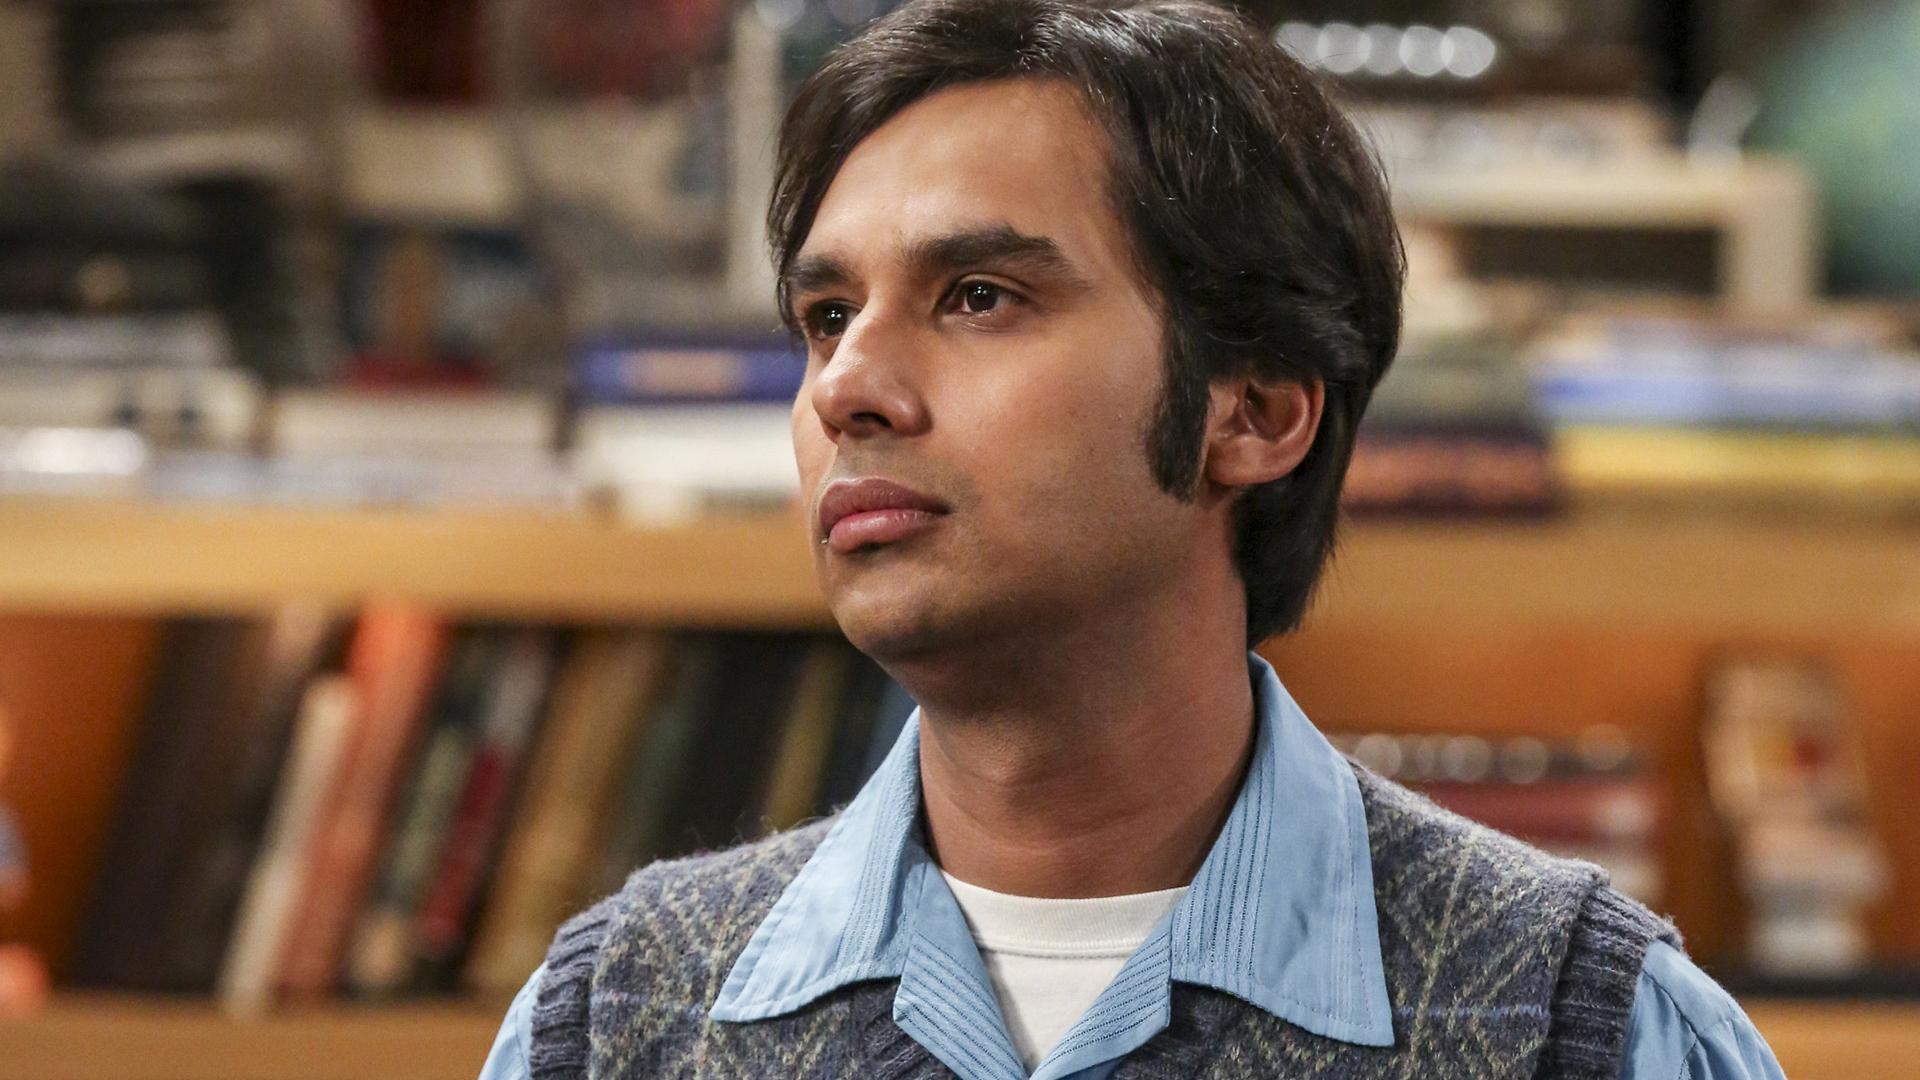 Raj looks on, stoically.